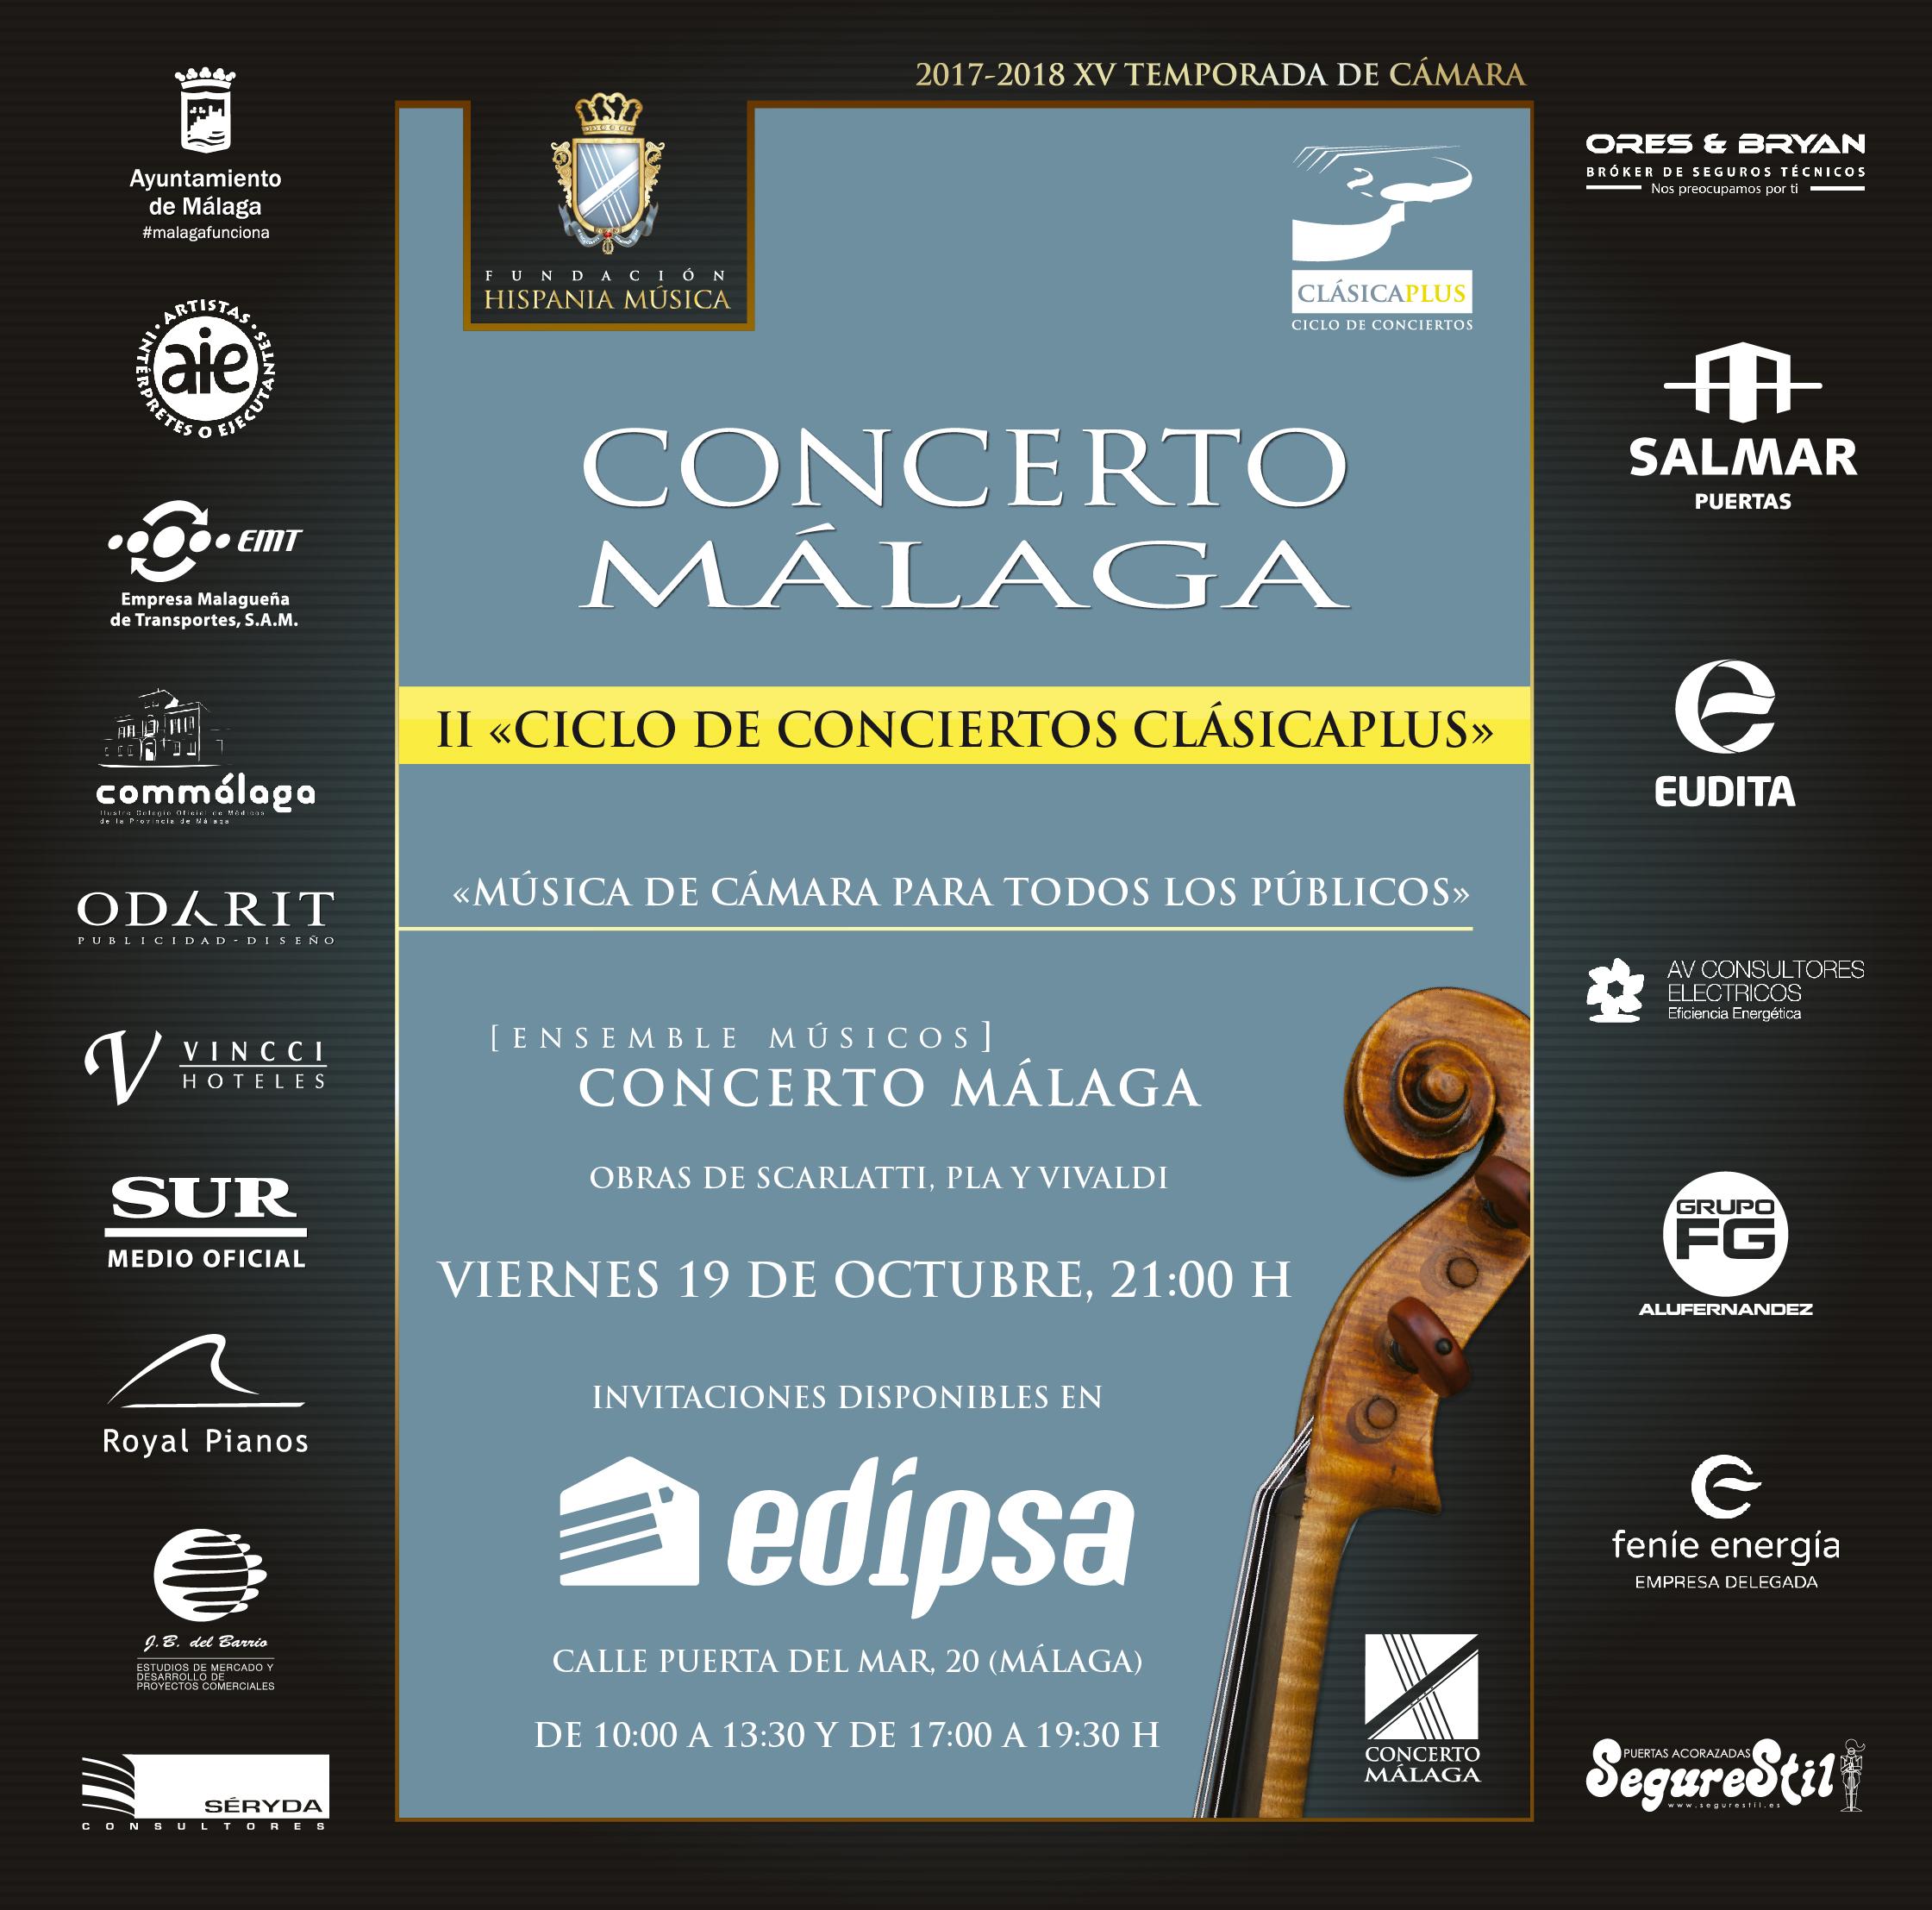 II Ciclo de conciertos Clásicaplus 'Música de cámara para todos los públicos'